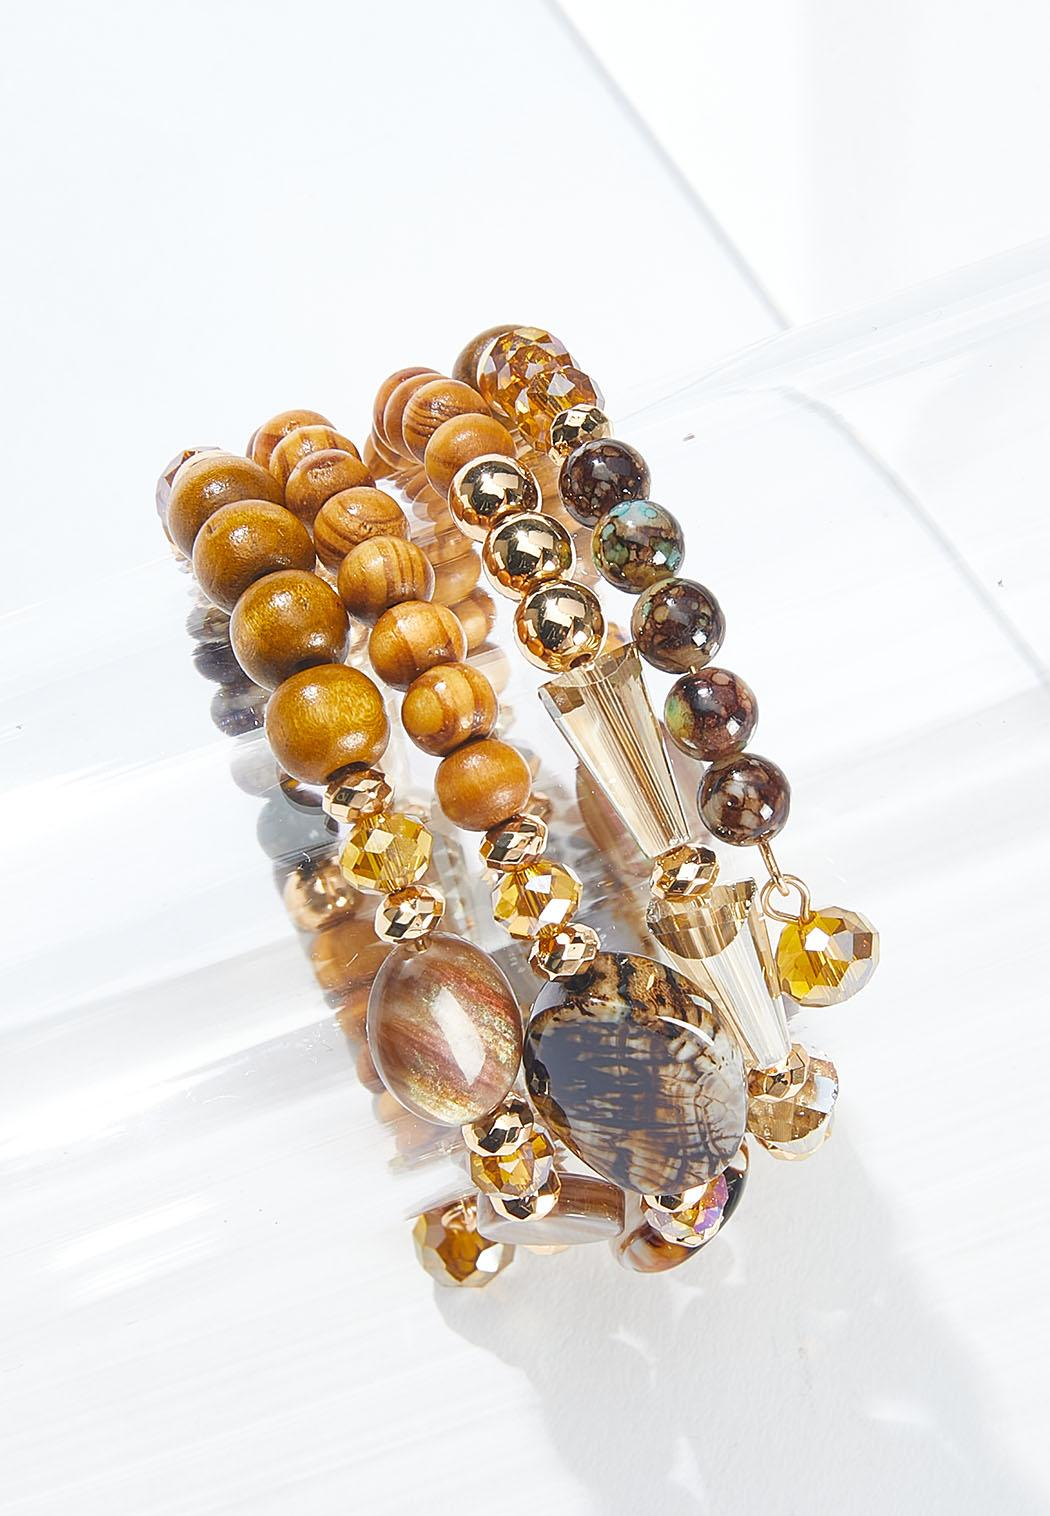 Mixed Wood Bead Coil Bracelet